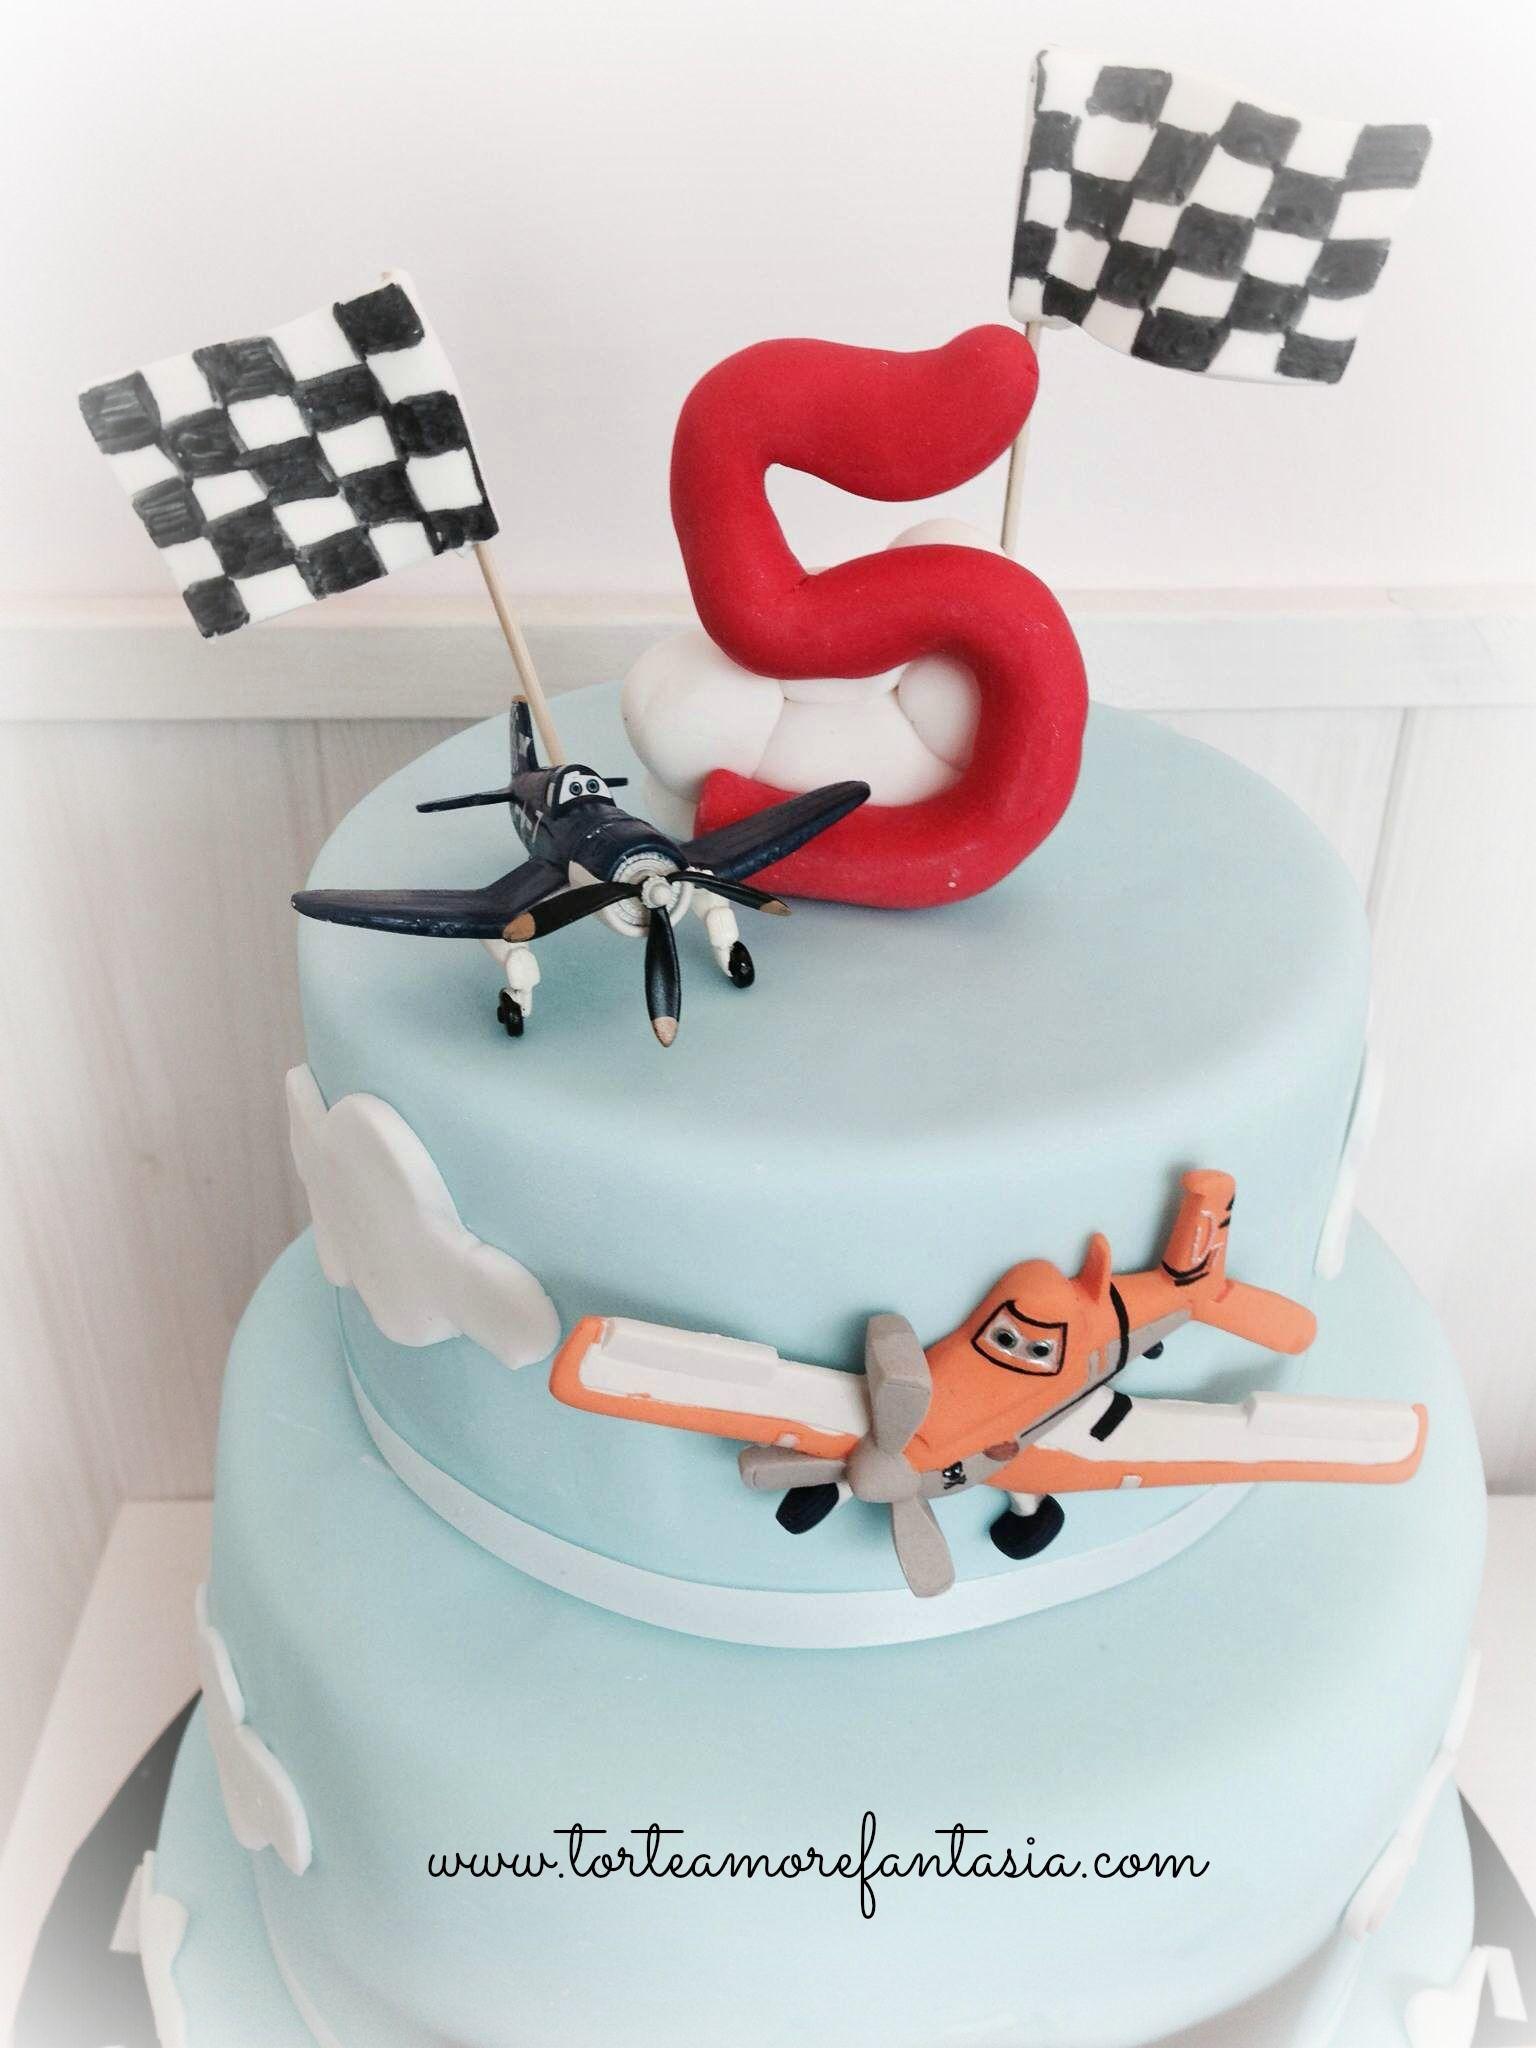 #Disney #Planes #Party #Personalizzati #Babyelli Romani #Cake #Laboratorio Cast www.torteamorefantasia.com